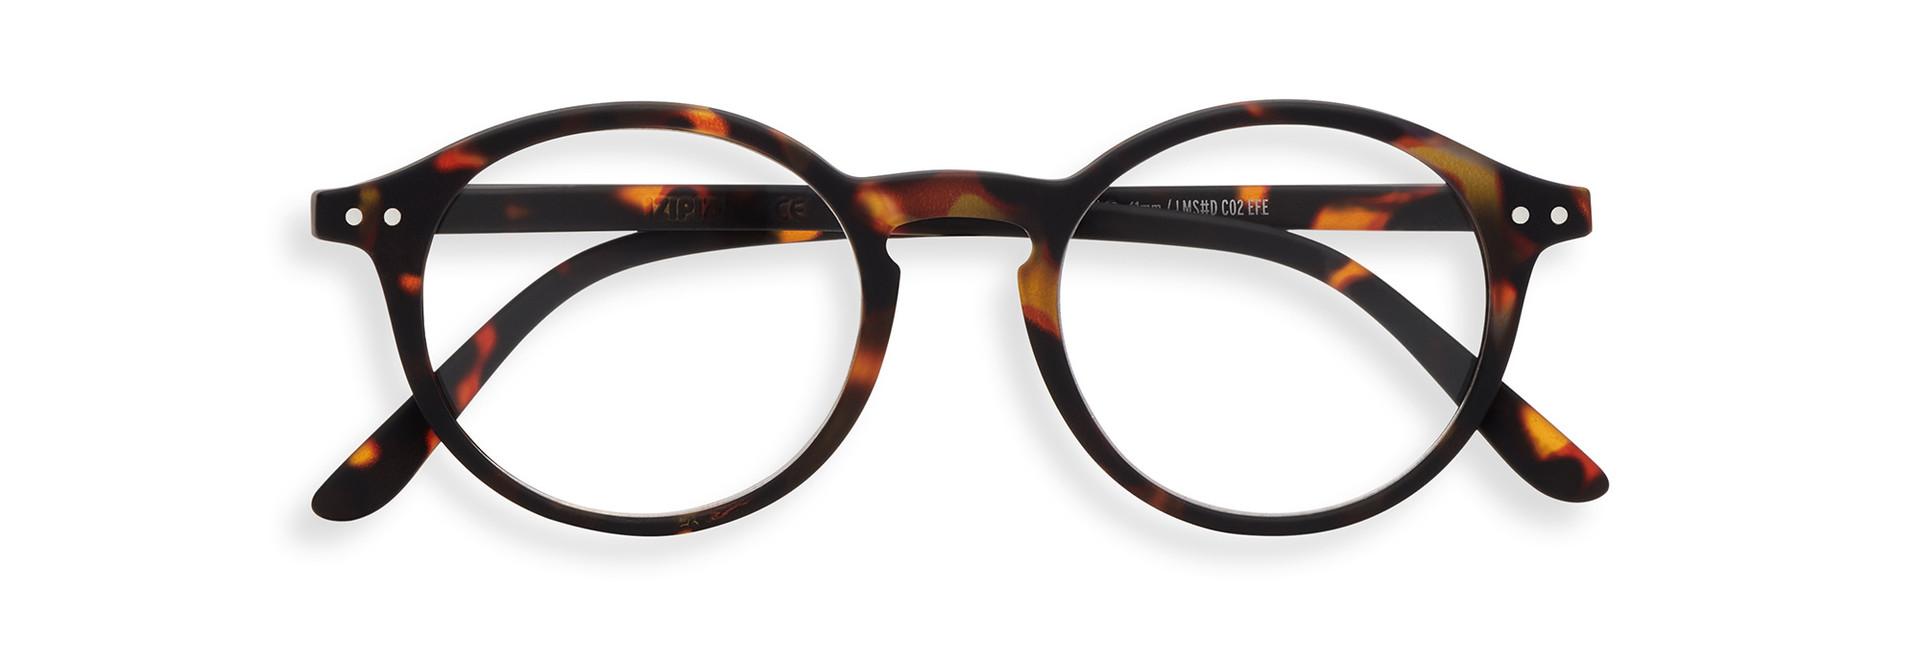 Izipizi leesbril model D Tortoise